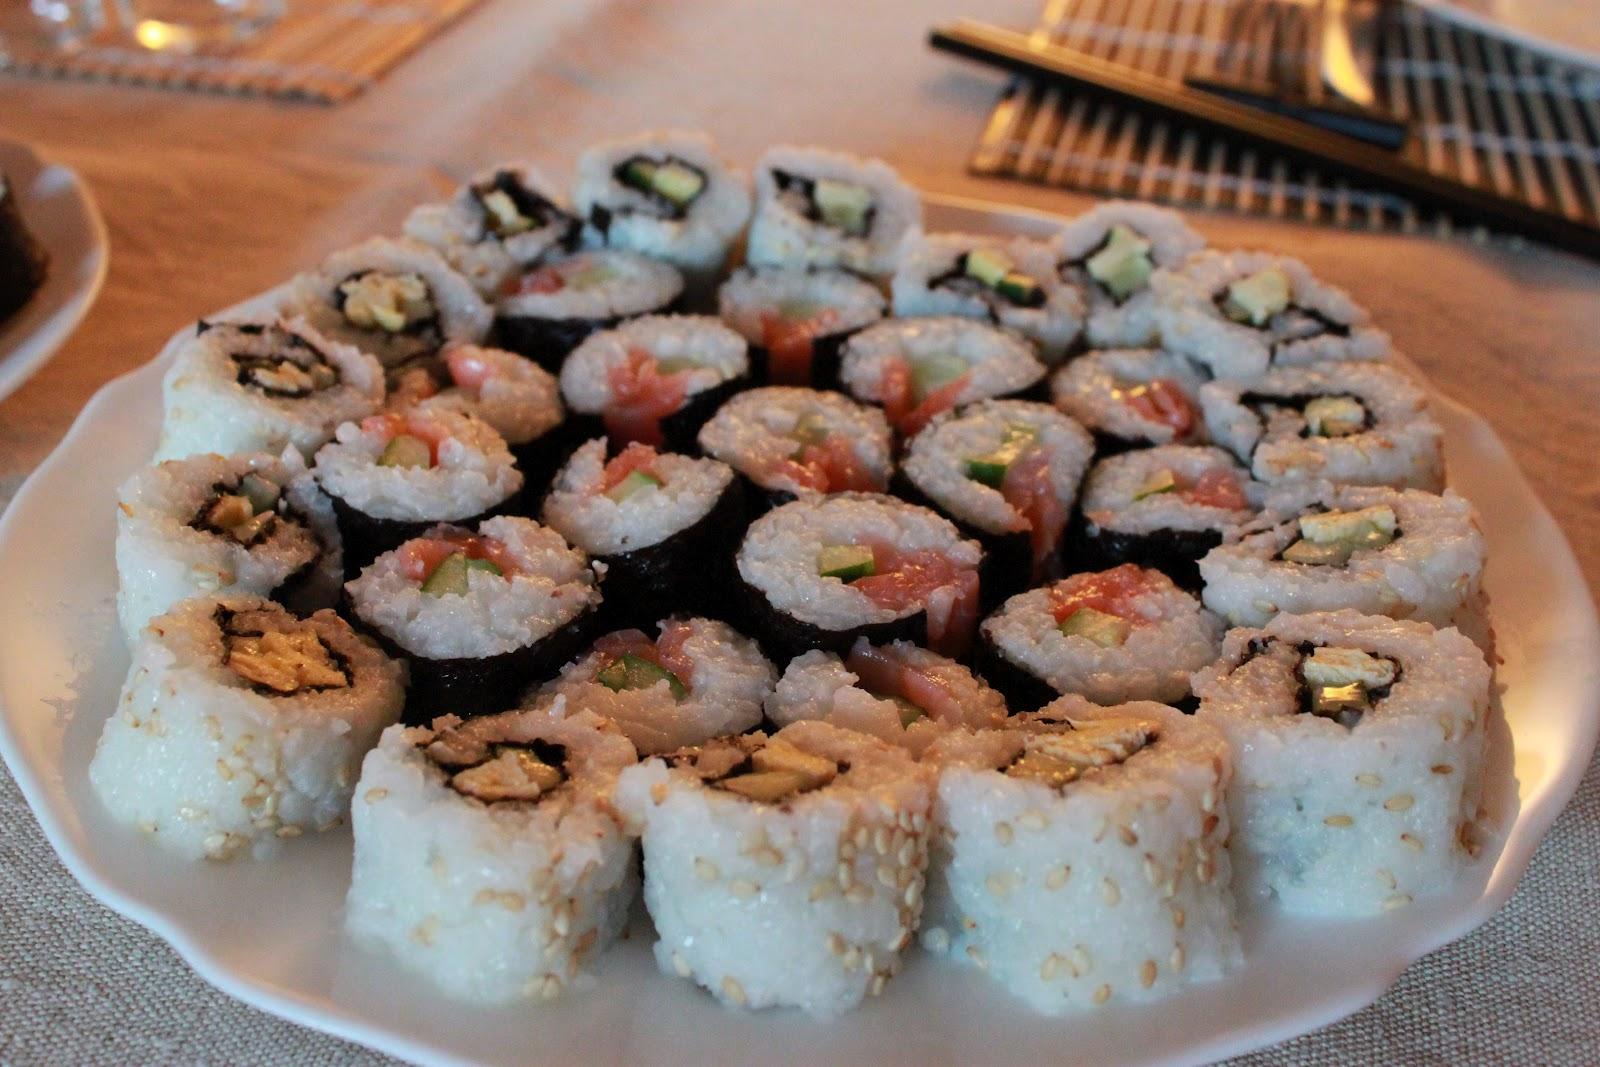 Ingredienti per il sushi fatto in casa: